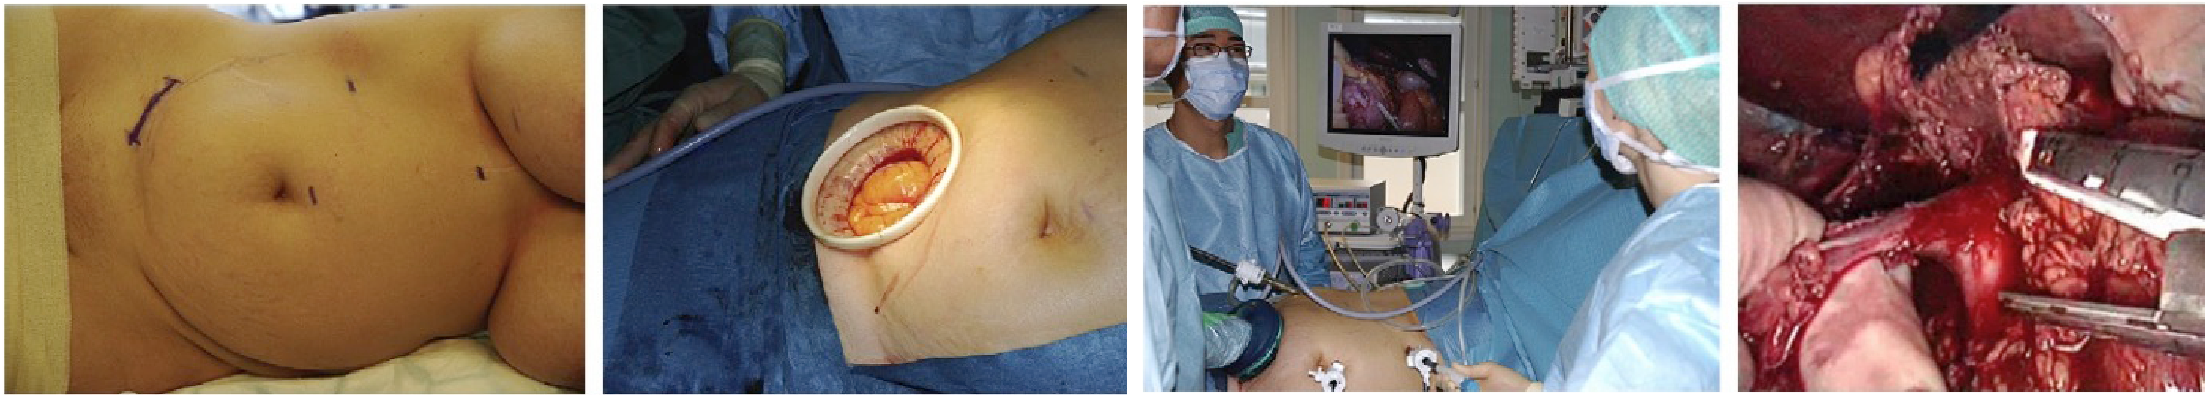 Bilde 2: Høyresidig håndassistert nefrectomi via høyresidig transplantasjonssnitt.